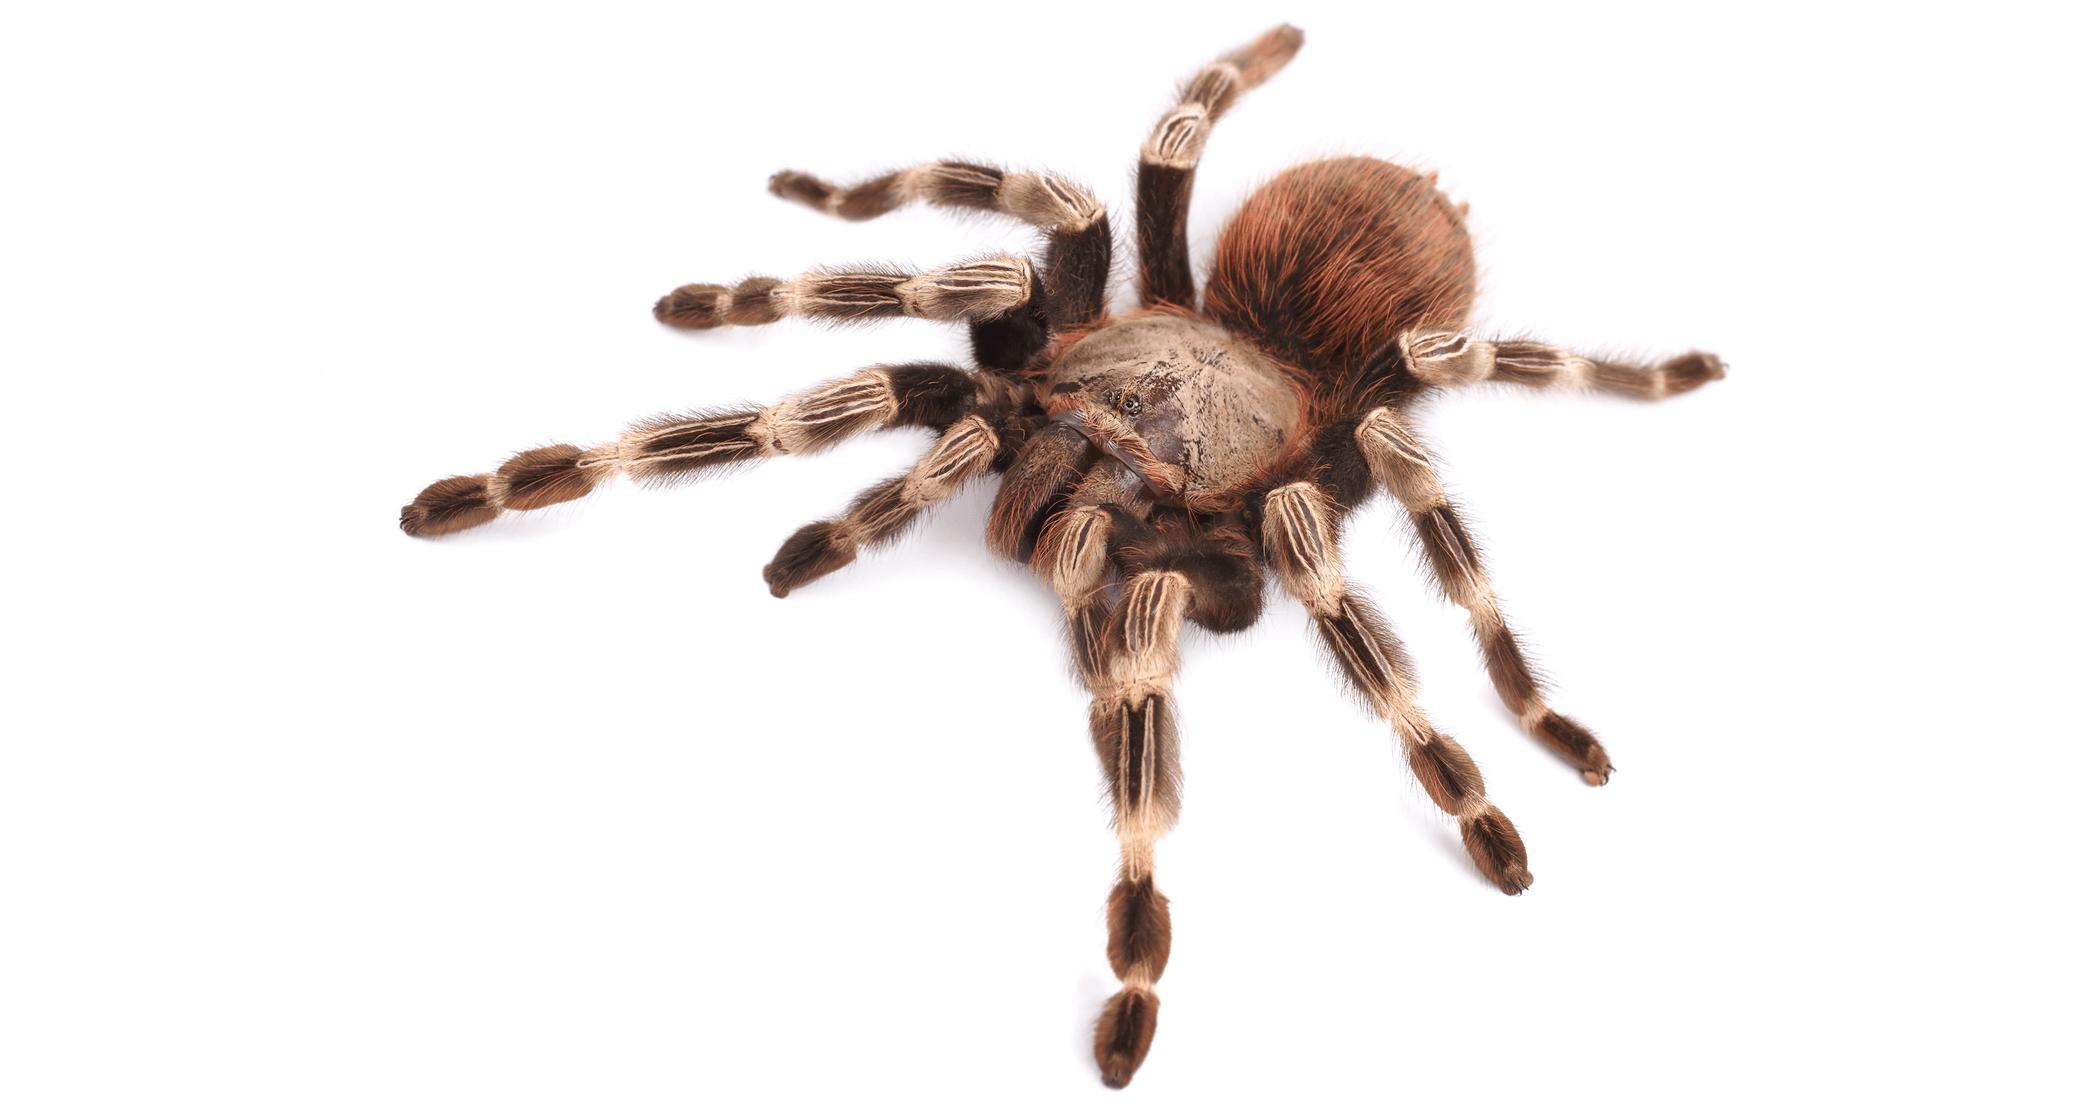 Are tarantulas good pets?